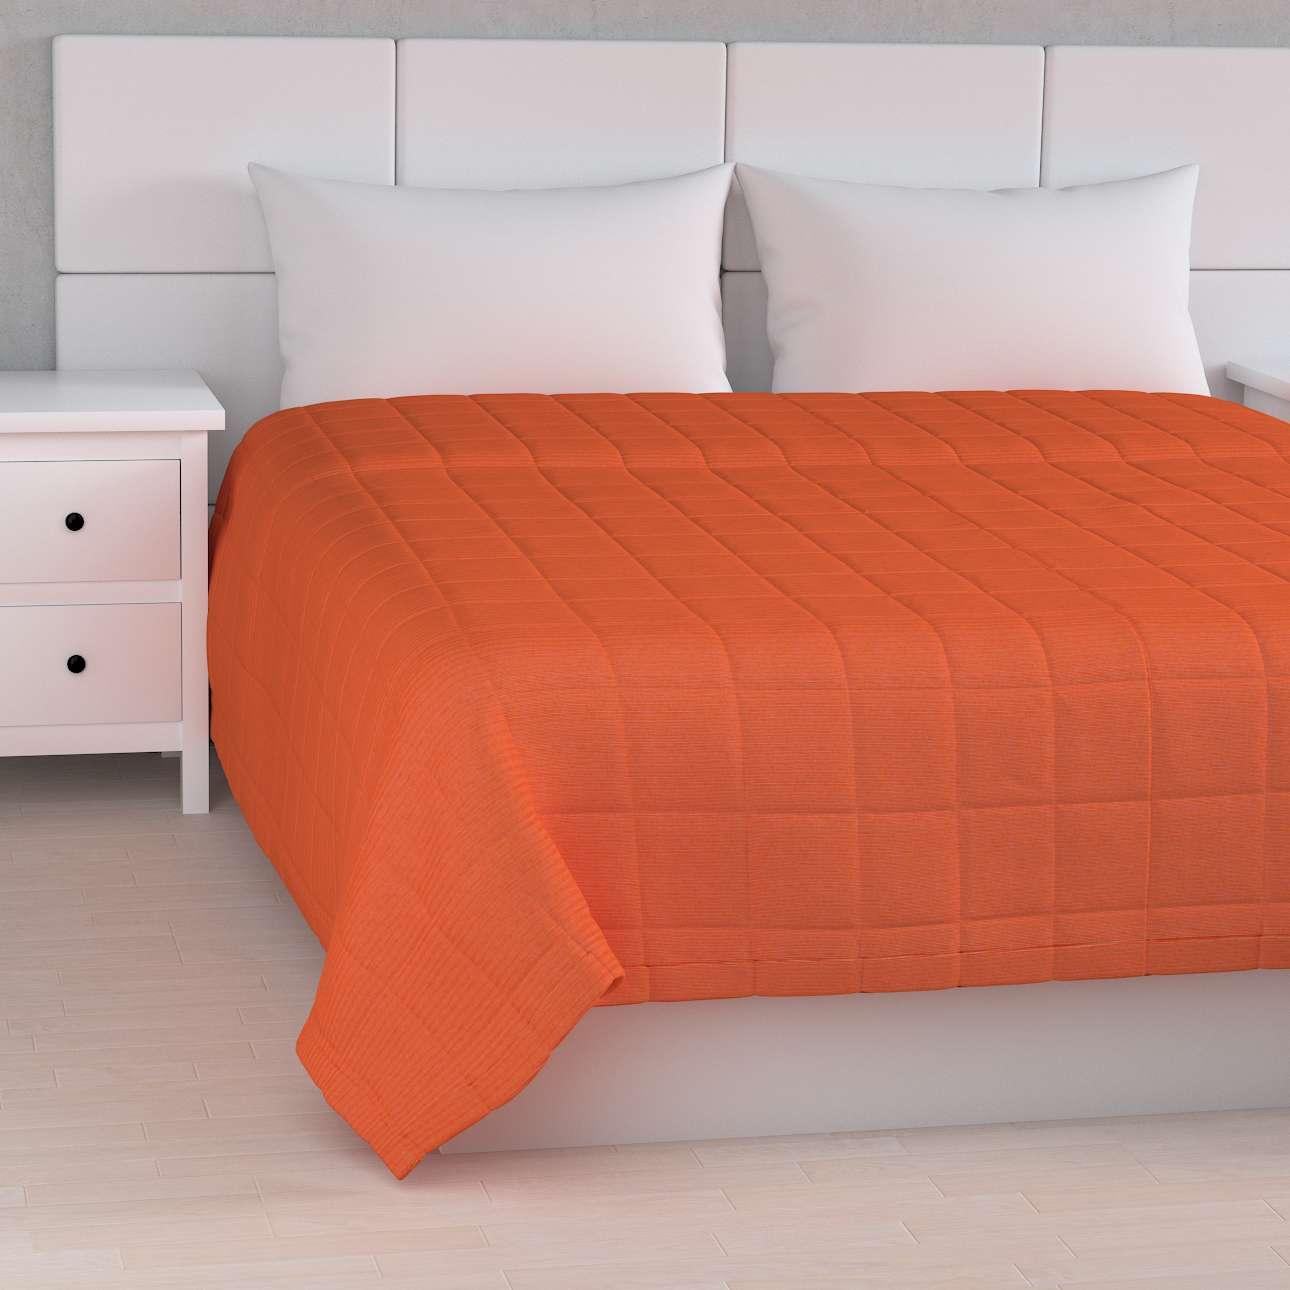 Tagesdecke mit Karosteppung, orange, 260 × 210 cm, Jupiter | Heimtextilien > Decken und Kissen | Dekoria